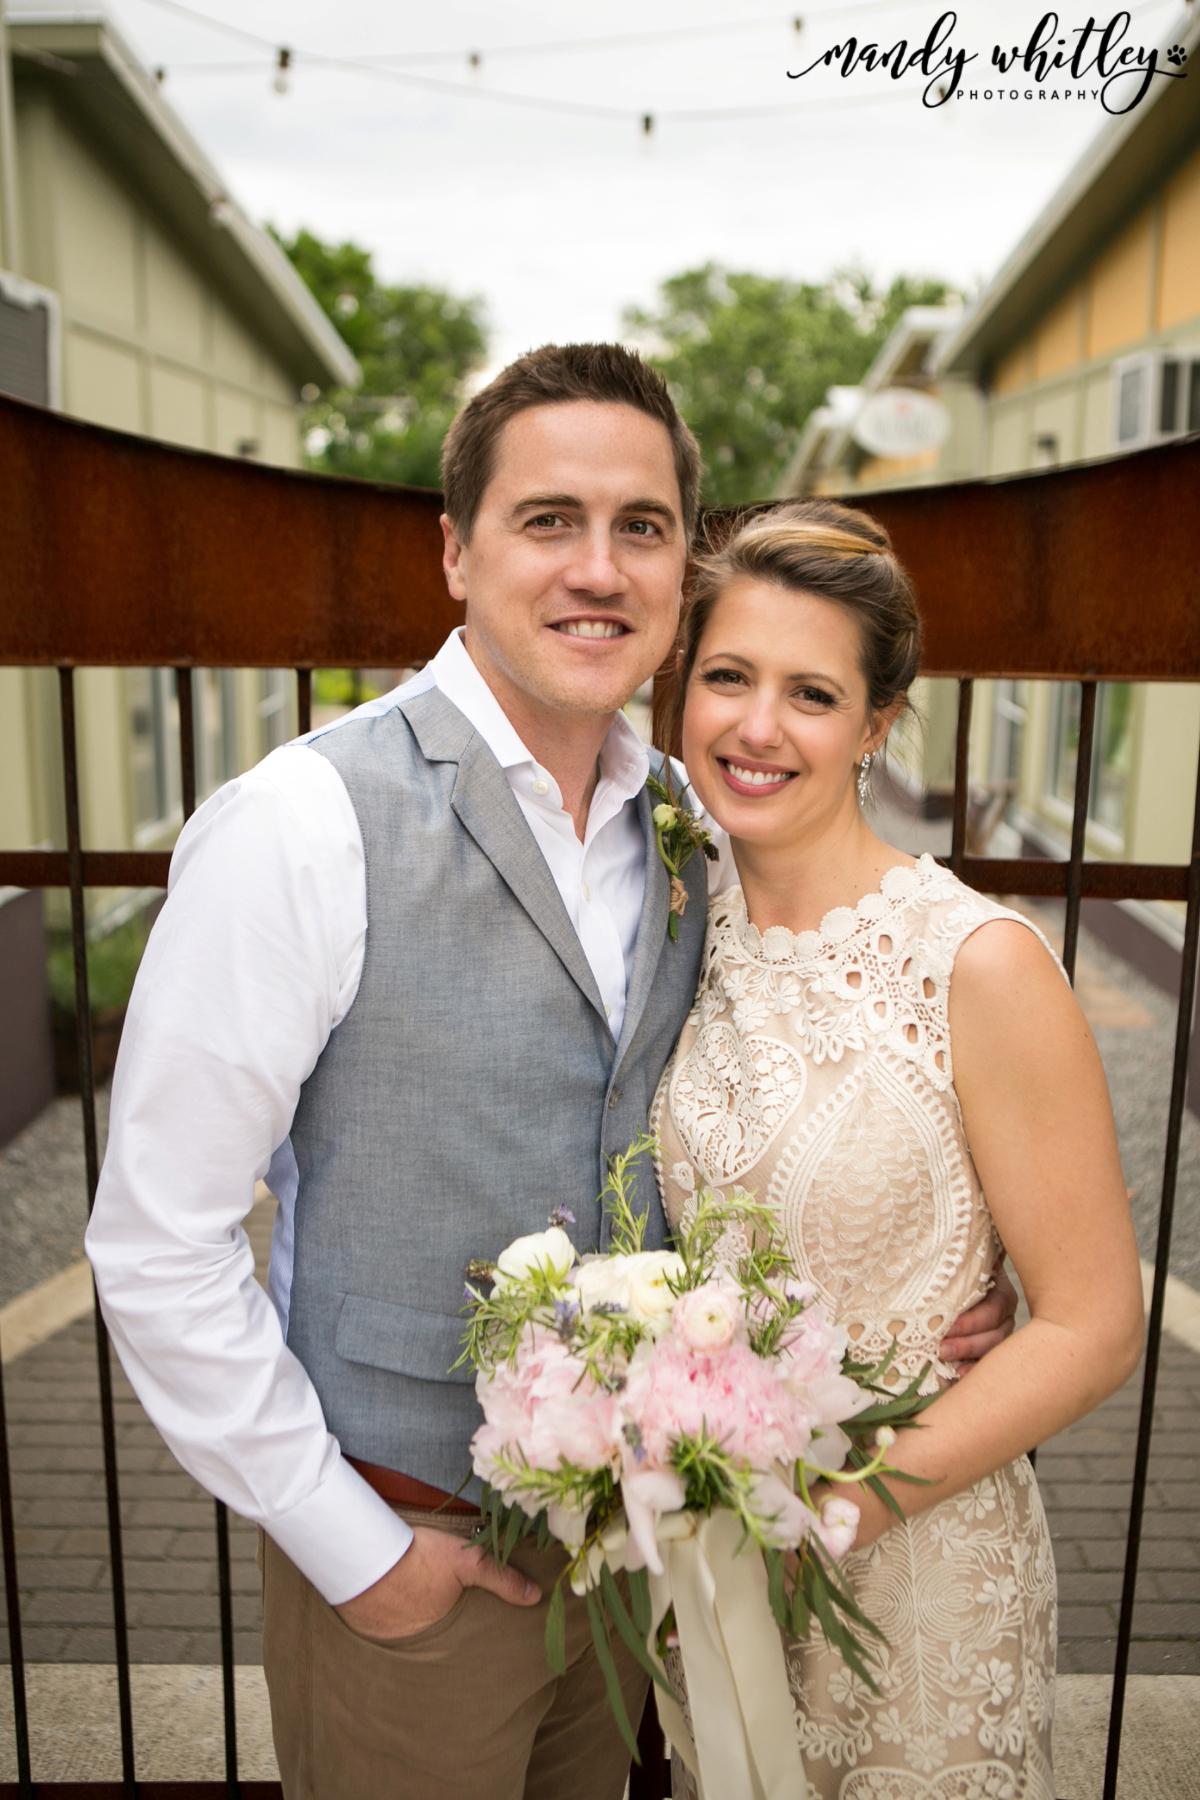 Nashville Wedding Photographer Mandy Whitley Photography